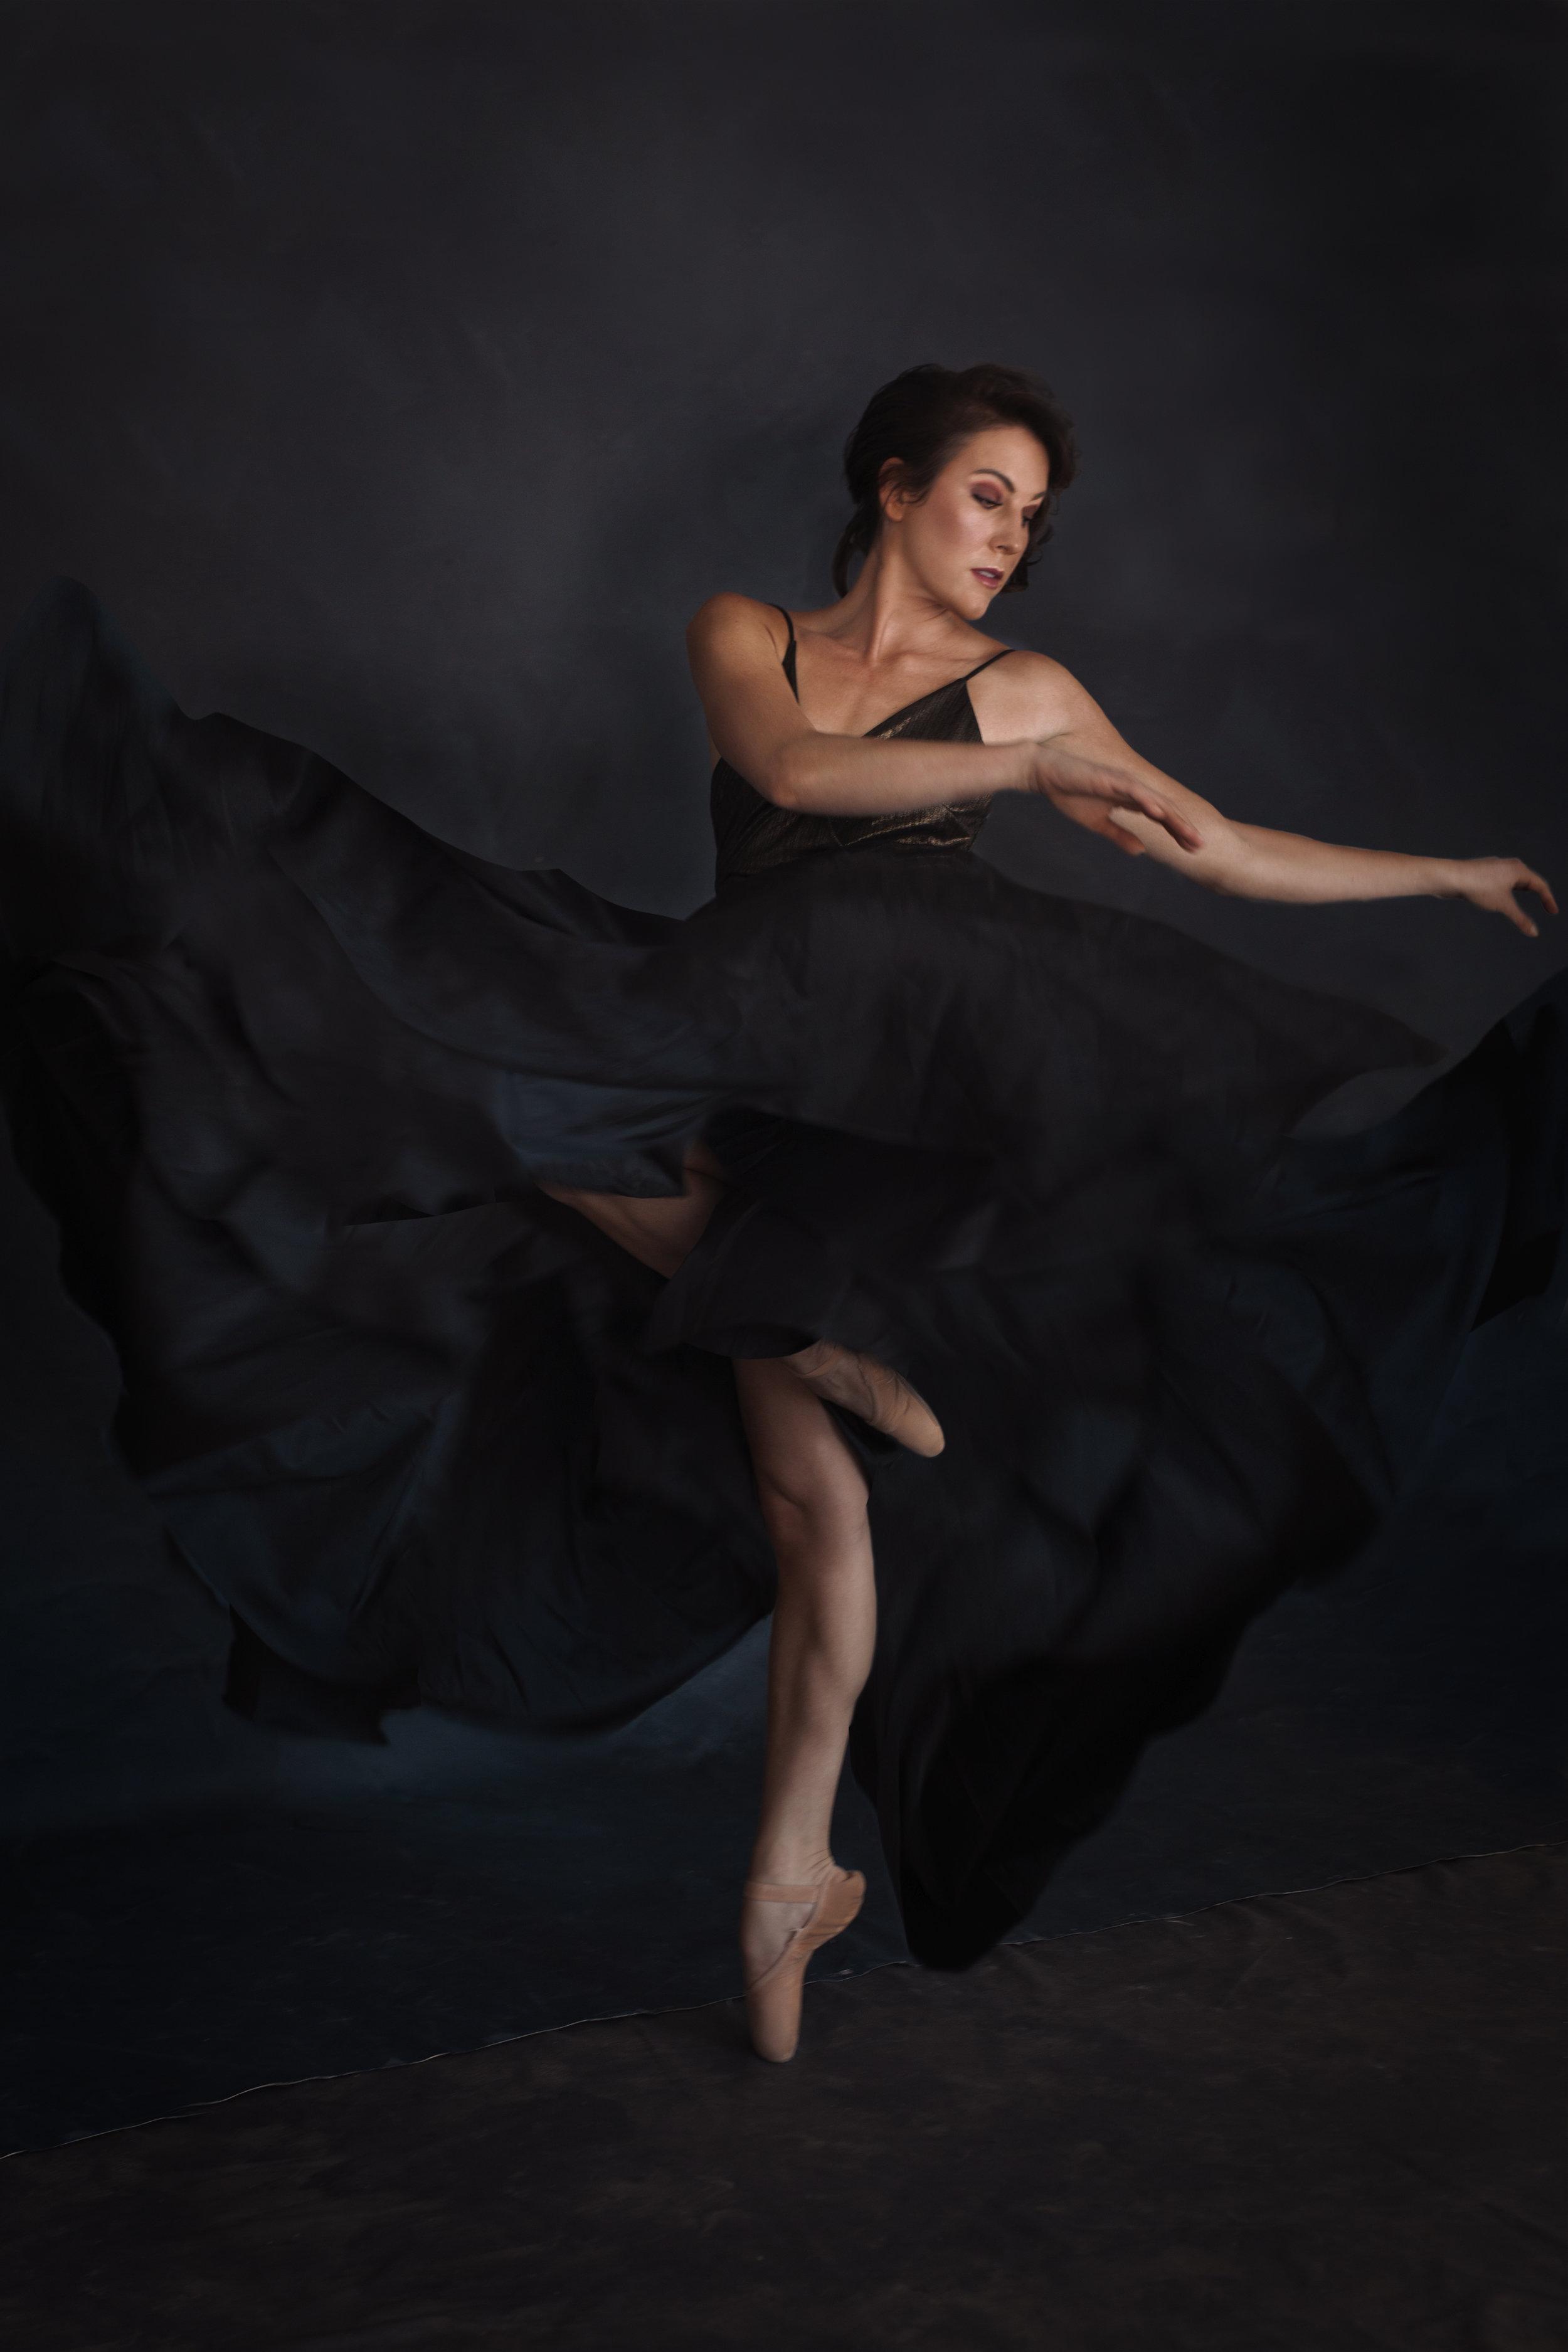 ballet photos - portrait of a dancer - Asheville dance photographer - photo studio